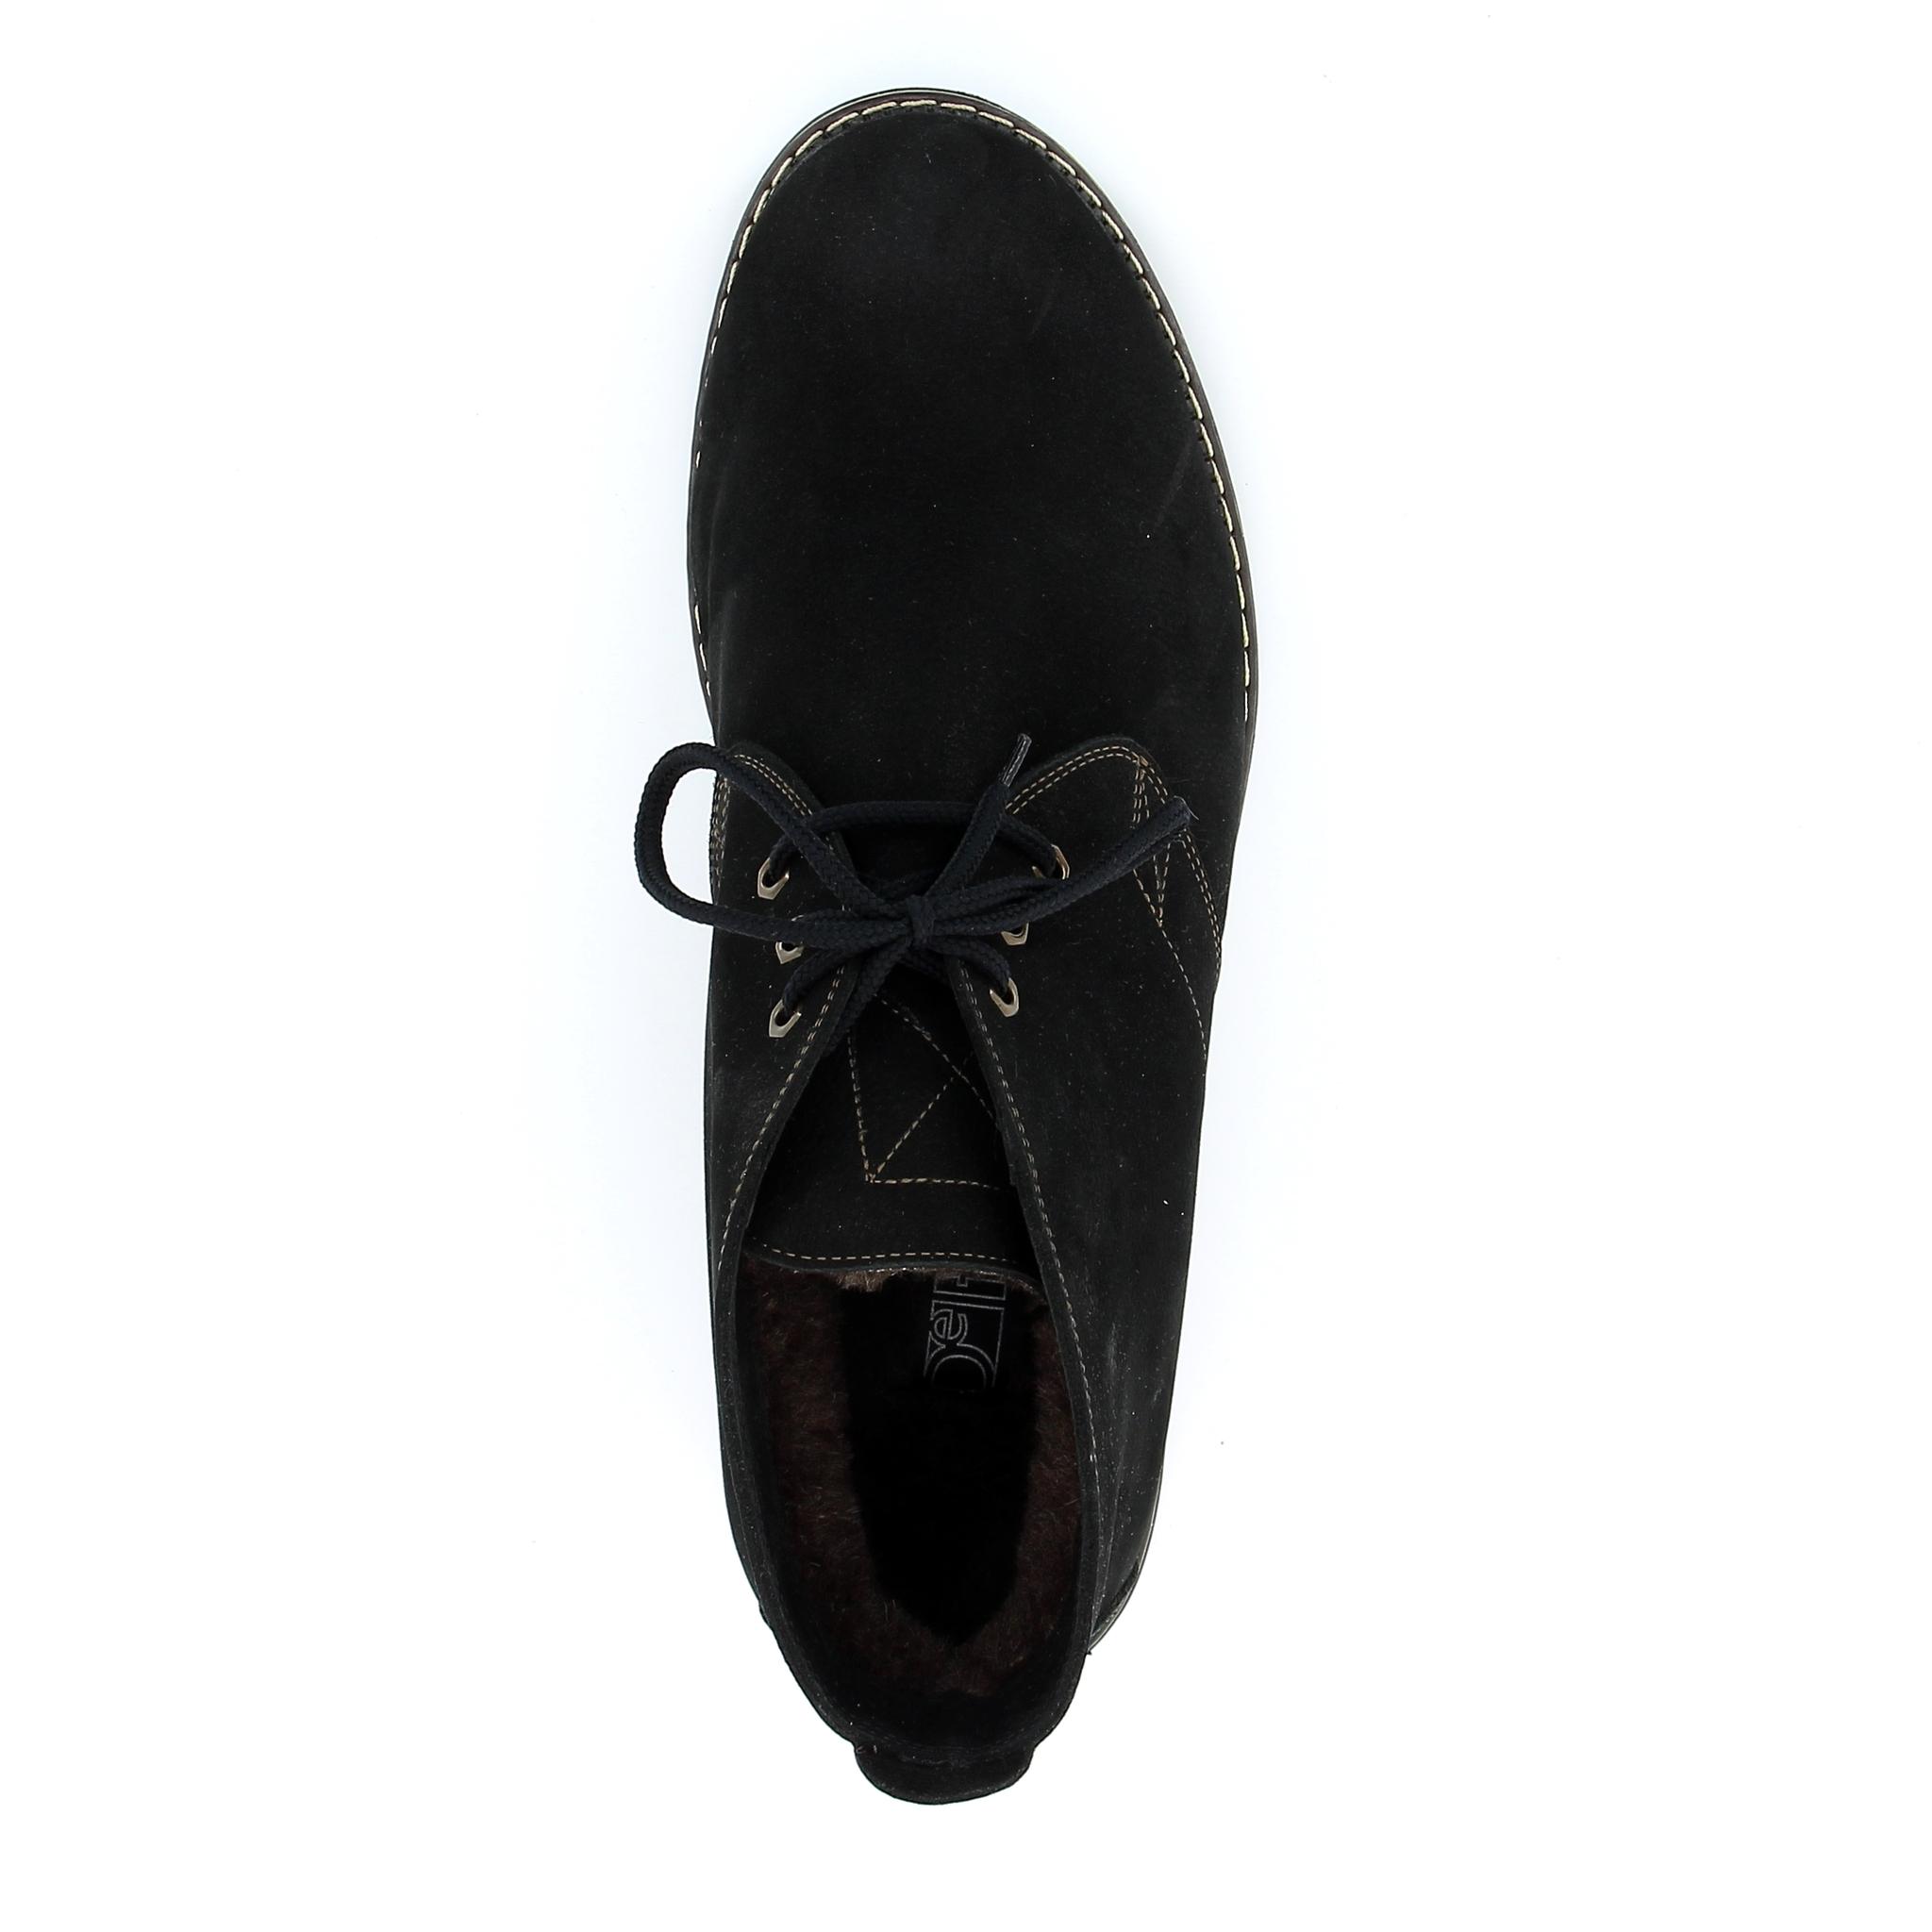 563483 ботинки мужские черные больших размеров марки Делфино